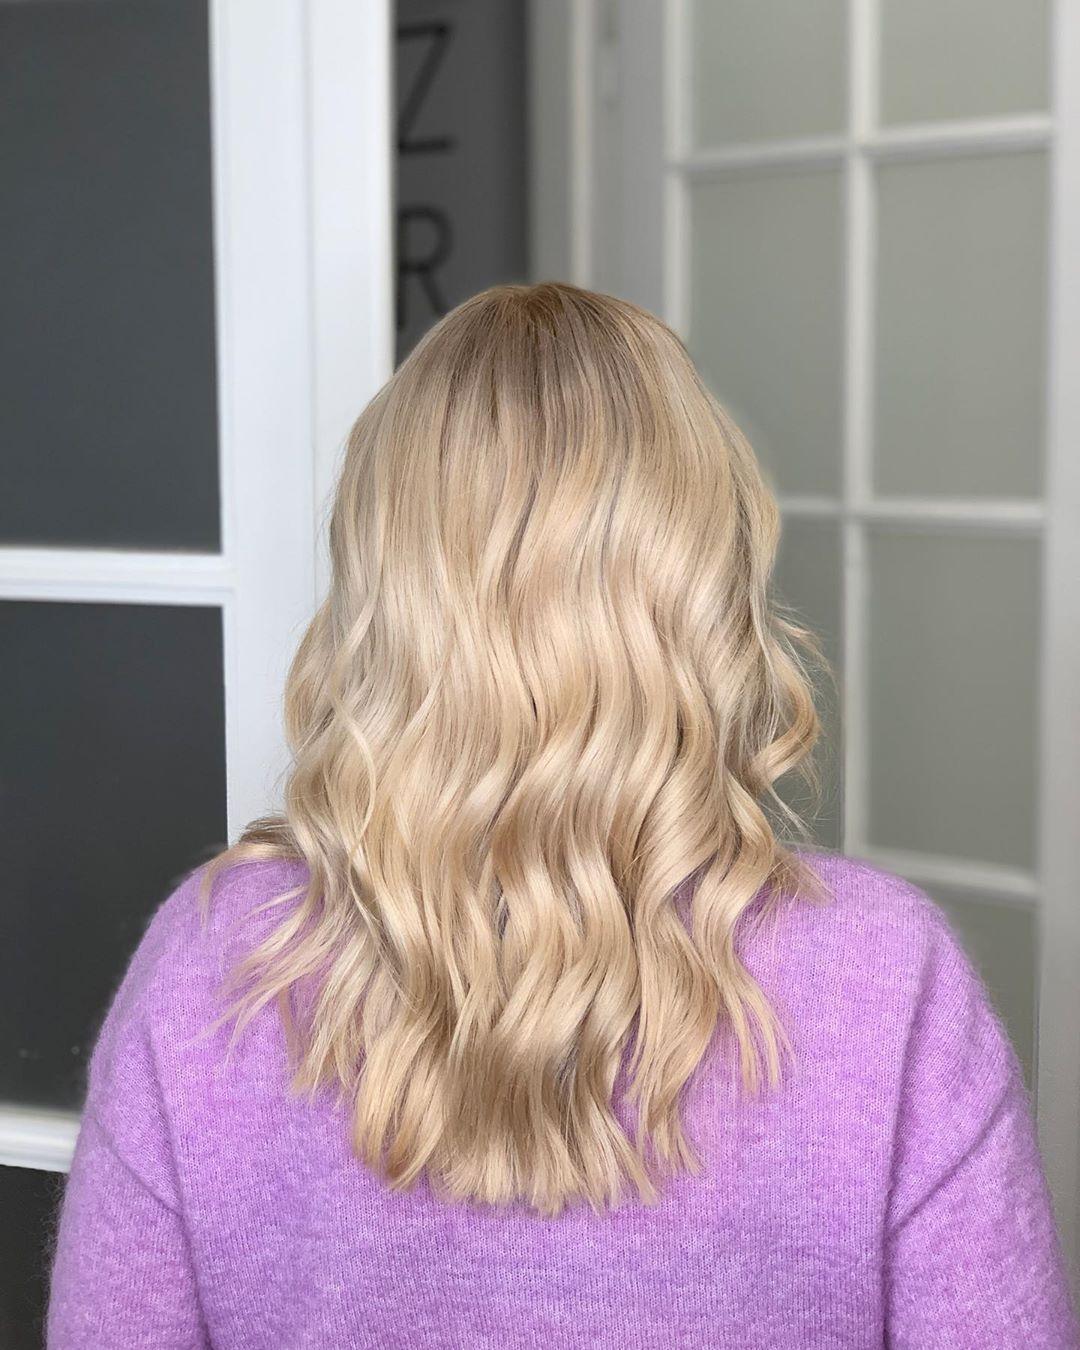 NEW42-Trendy-glamour-hair-cutest2018-Page-9of7  Złote blondy nie muszą być nudne! Wyważone połączenie lekko różowej perły i ciepłego złota w tonerze 9GV #matrixcolorsync daje efekt opalizującej koloryzacji mieniącej się kilkoma odcieniami unikatowego blondu  Lubicie cukierkowe blondy?  _______________ #lukaszkobierstudio #bracka23 #matrix #matrixpolska #fryzjerwarszawa #fryzjer #fryzjerzywarszawa #warsawhairdresser #włosywarszawa #blondehair #blondegirl #warsawgirl #masterblonde #blondehairstyle